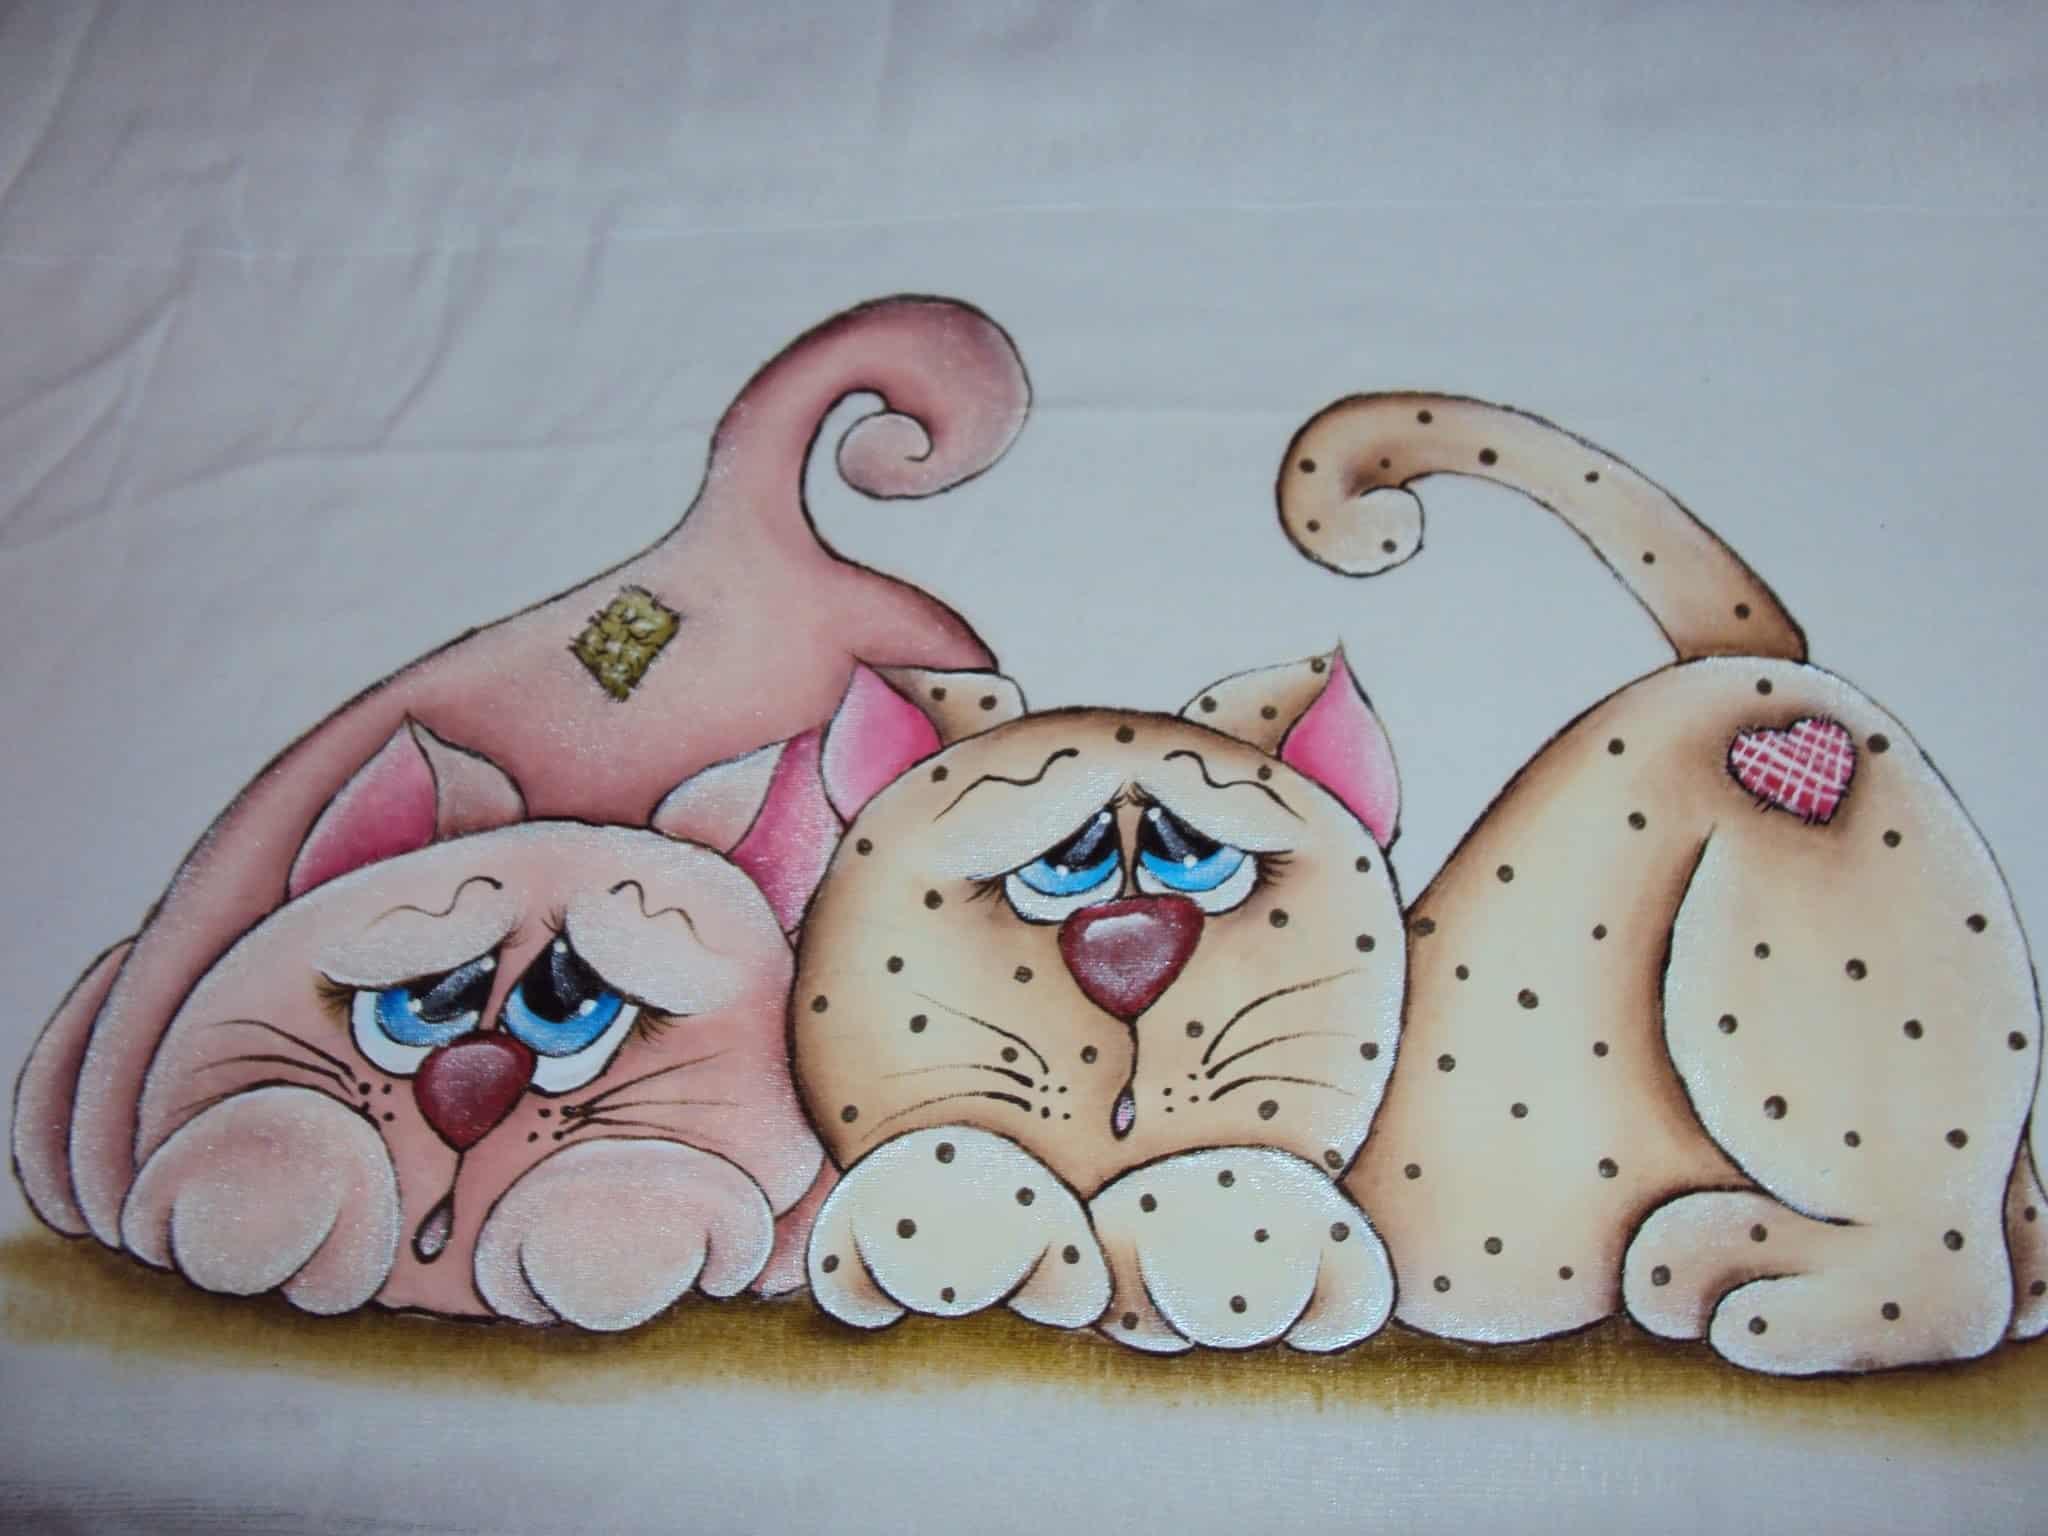 Fraldinha pintada gatinhos